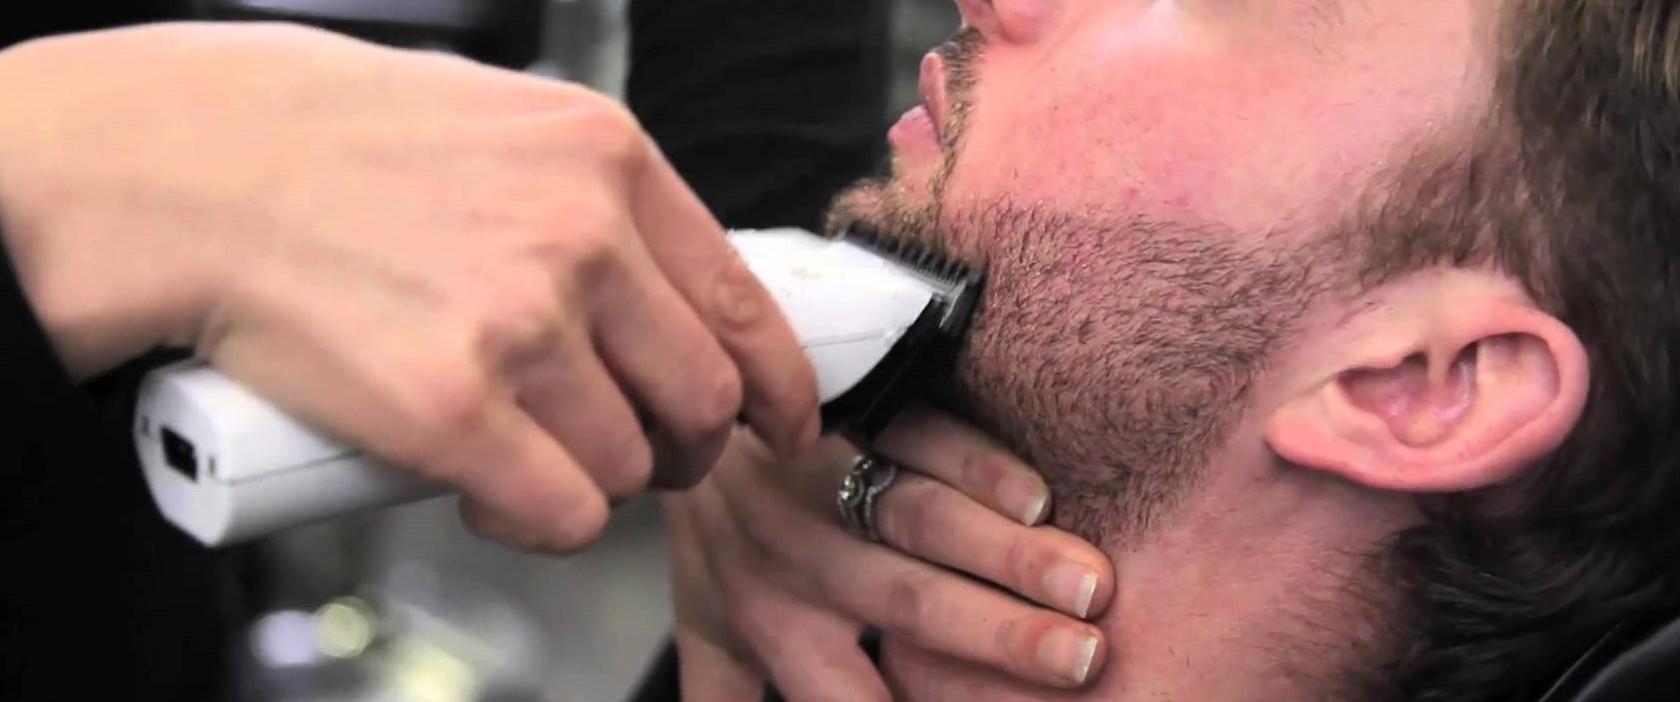 Le refus de couper sa barbe peut-il justifier le licenciement d'un salarié ?